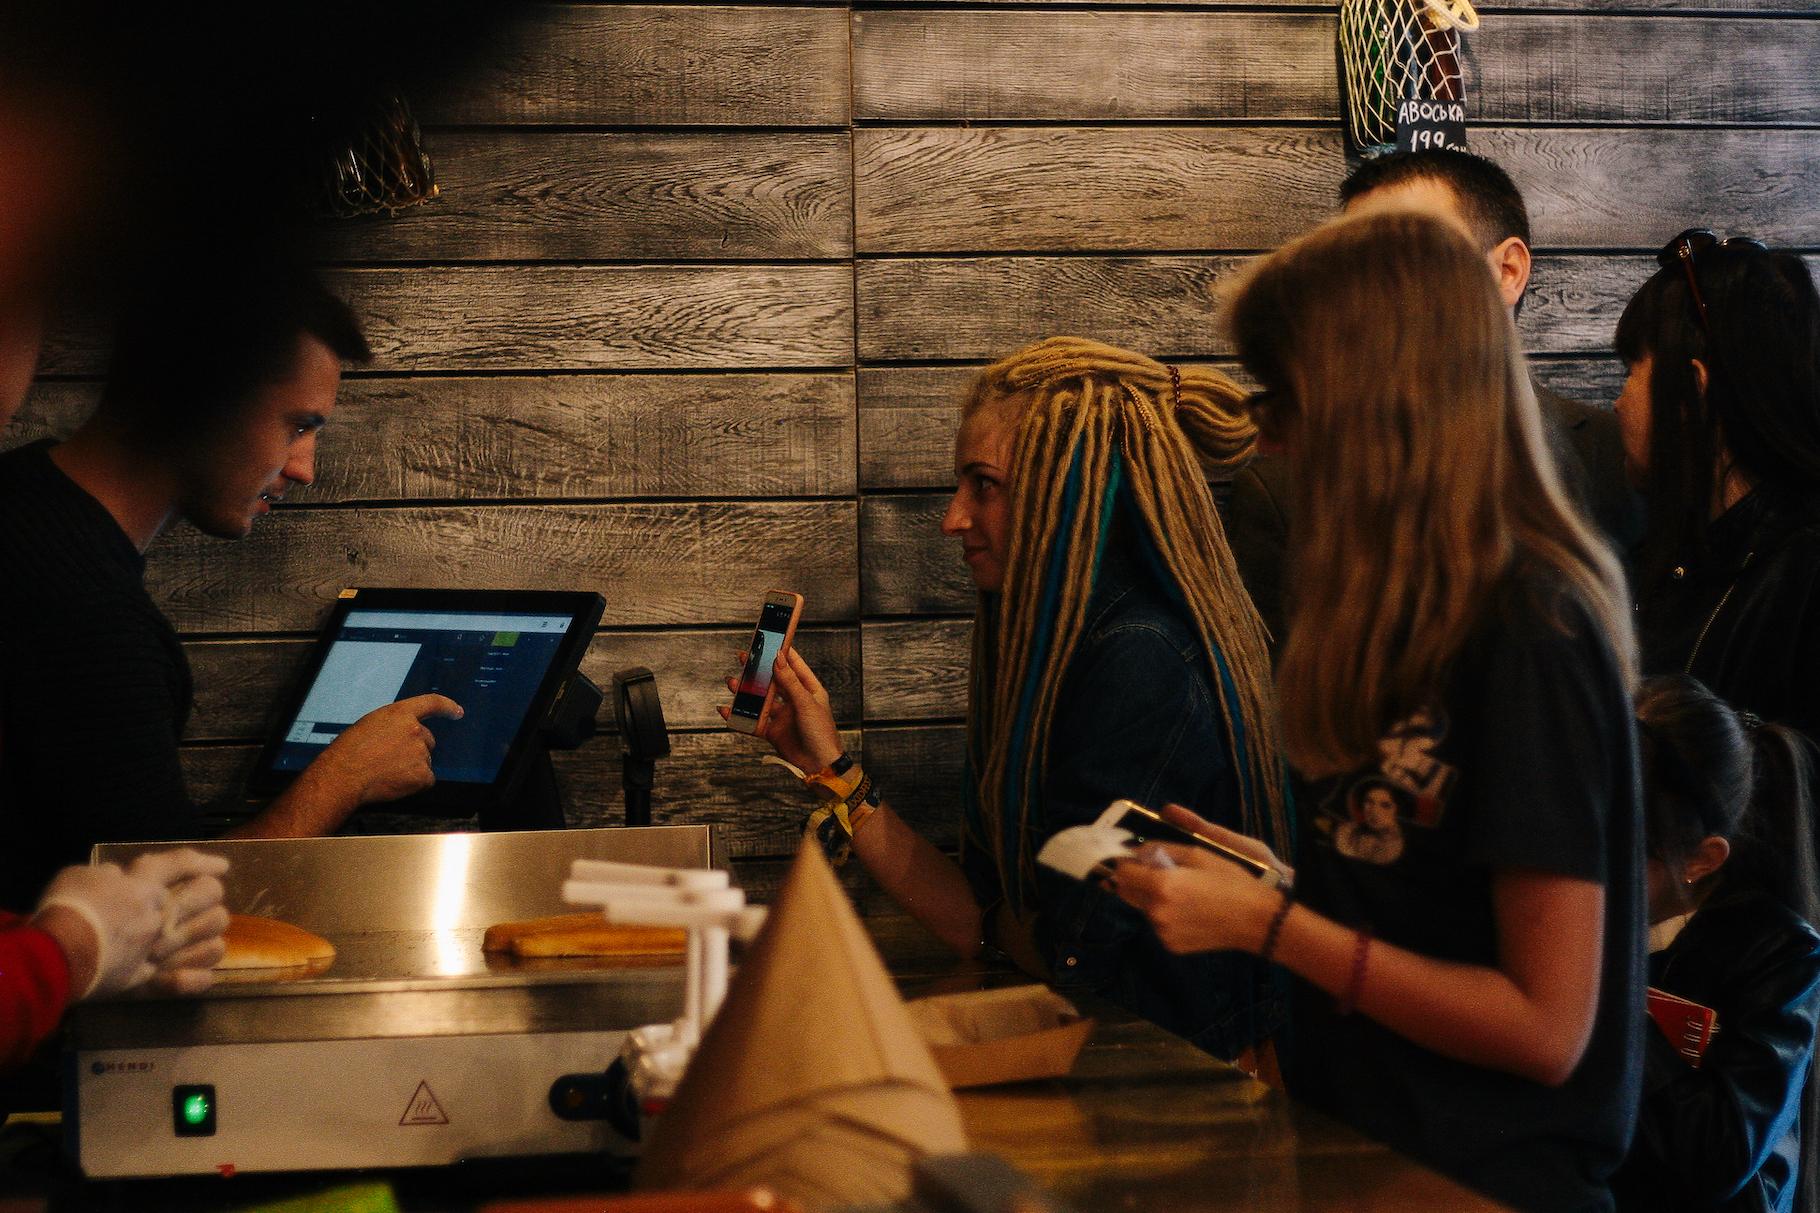 Як працює «Білий Налив» та чому моноформати популярні в ресторанному бізнесі